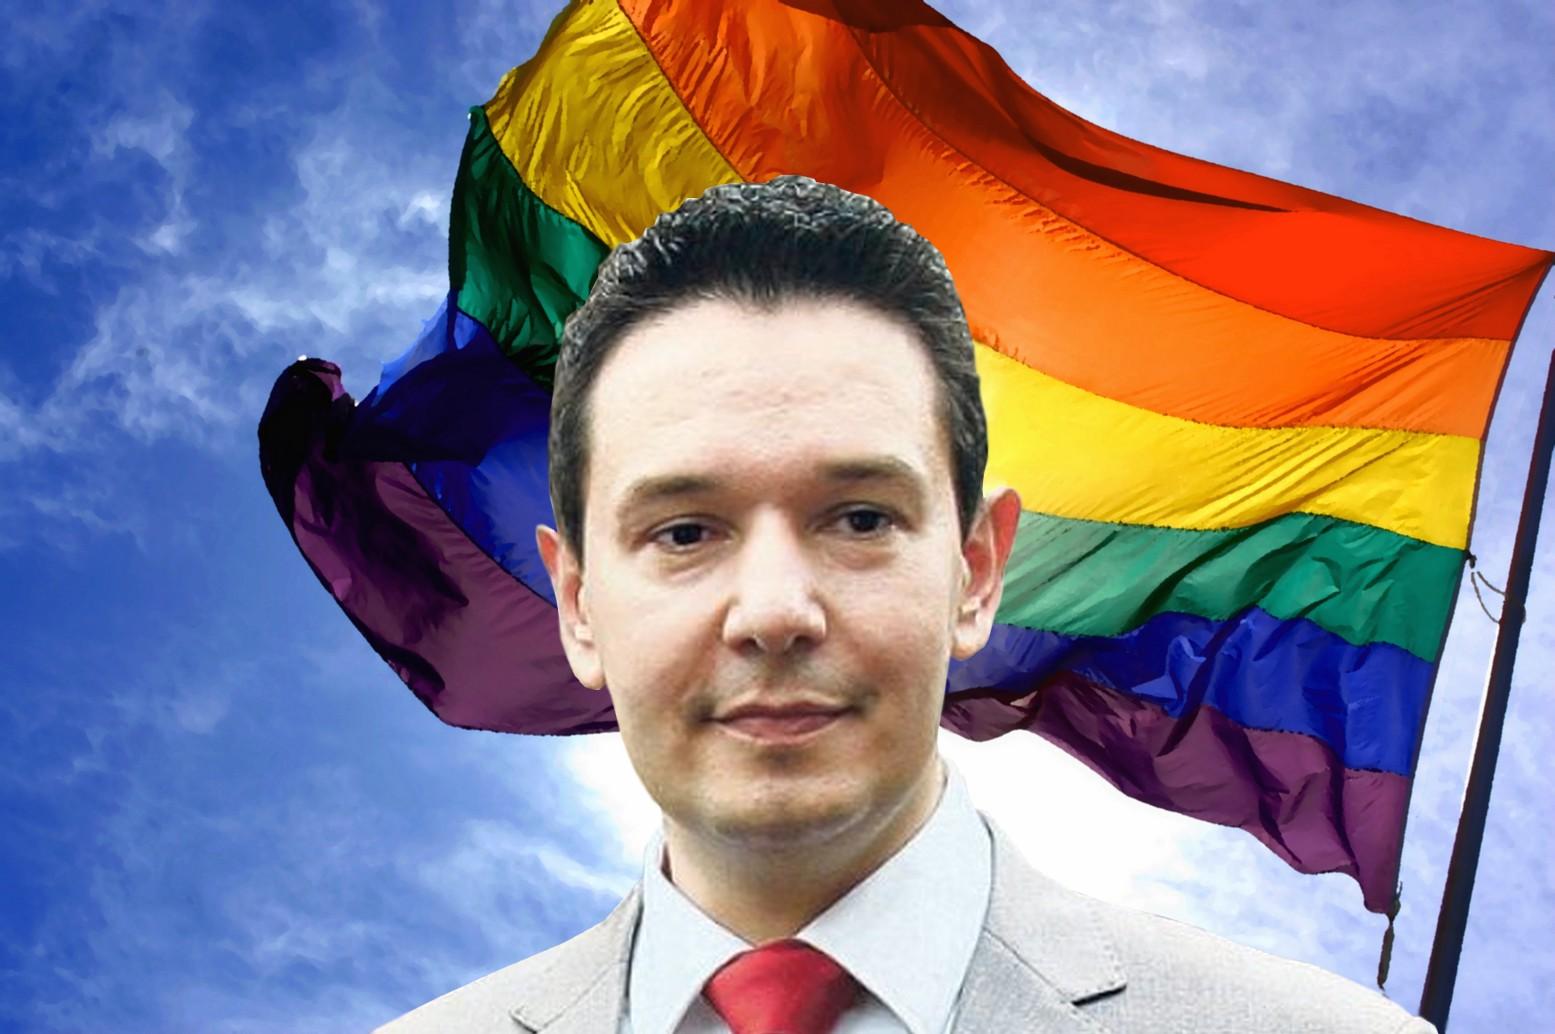 Dramatična ispovest Nemanje Šarovića: Ja sam ponosni gej četnik!